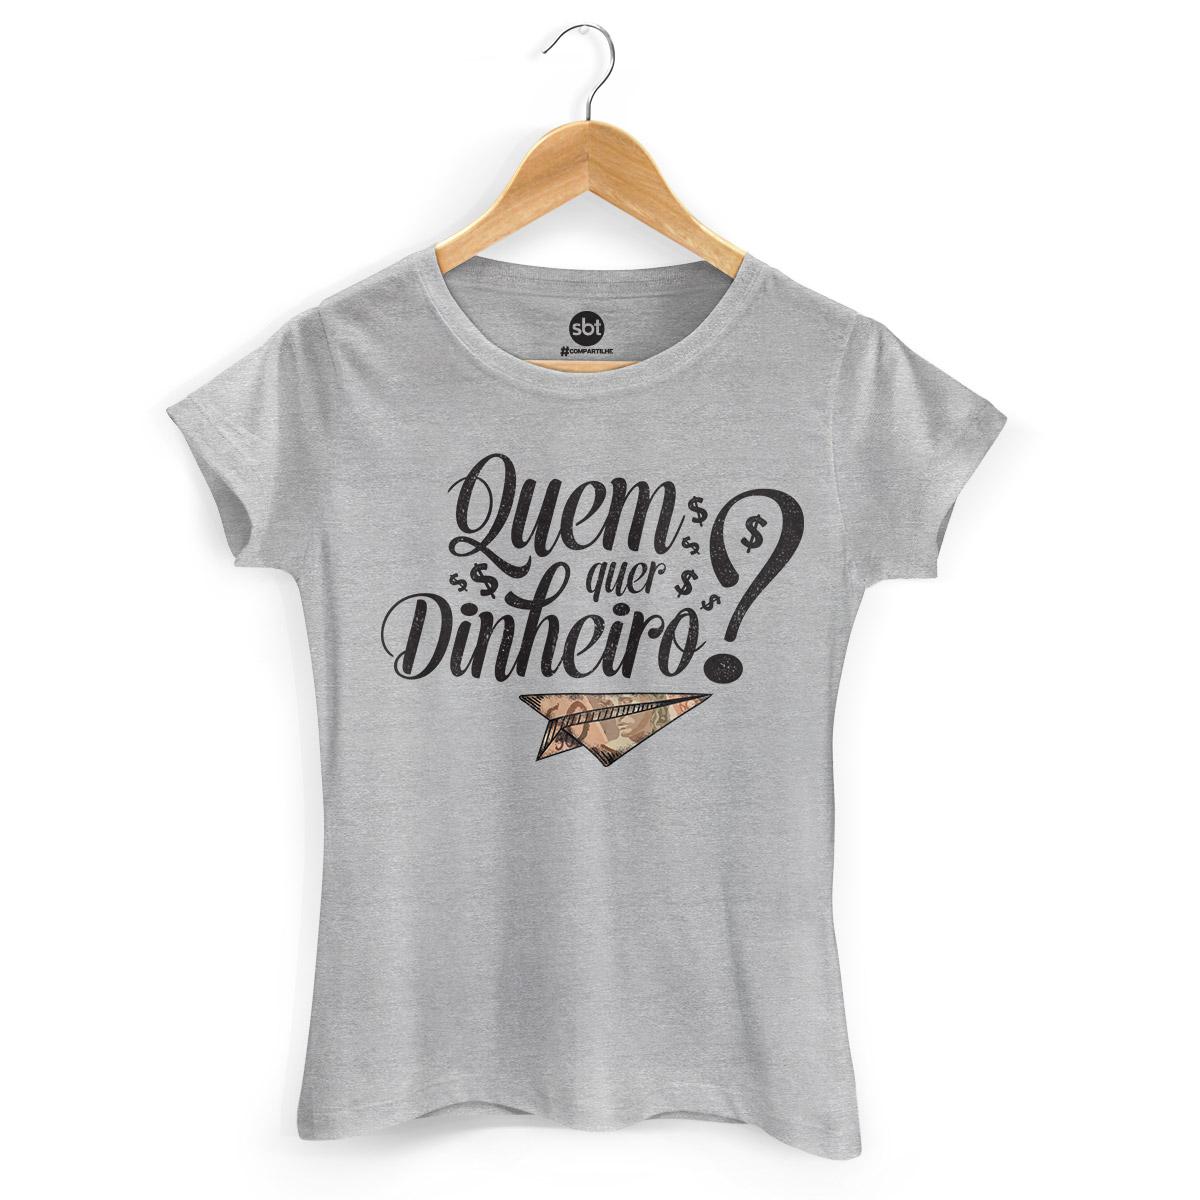 Camiseta Feminina SBT Quem Quer Dinheiro? Type